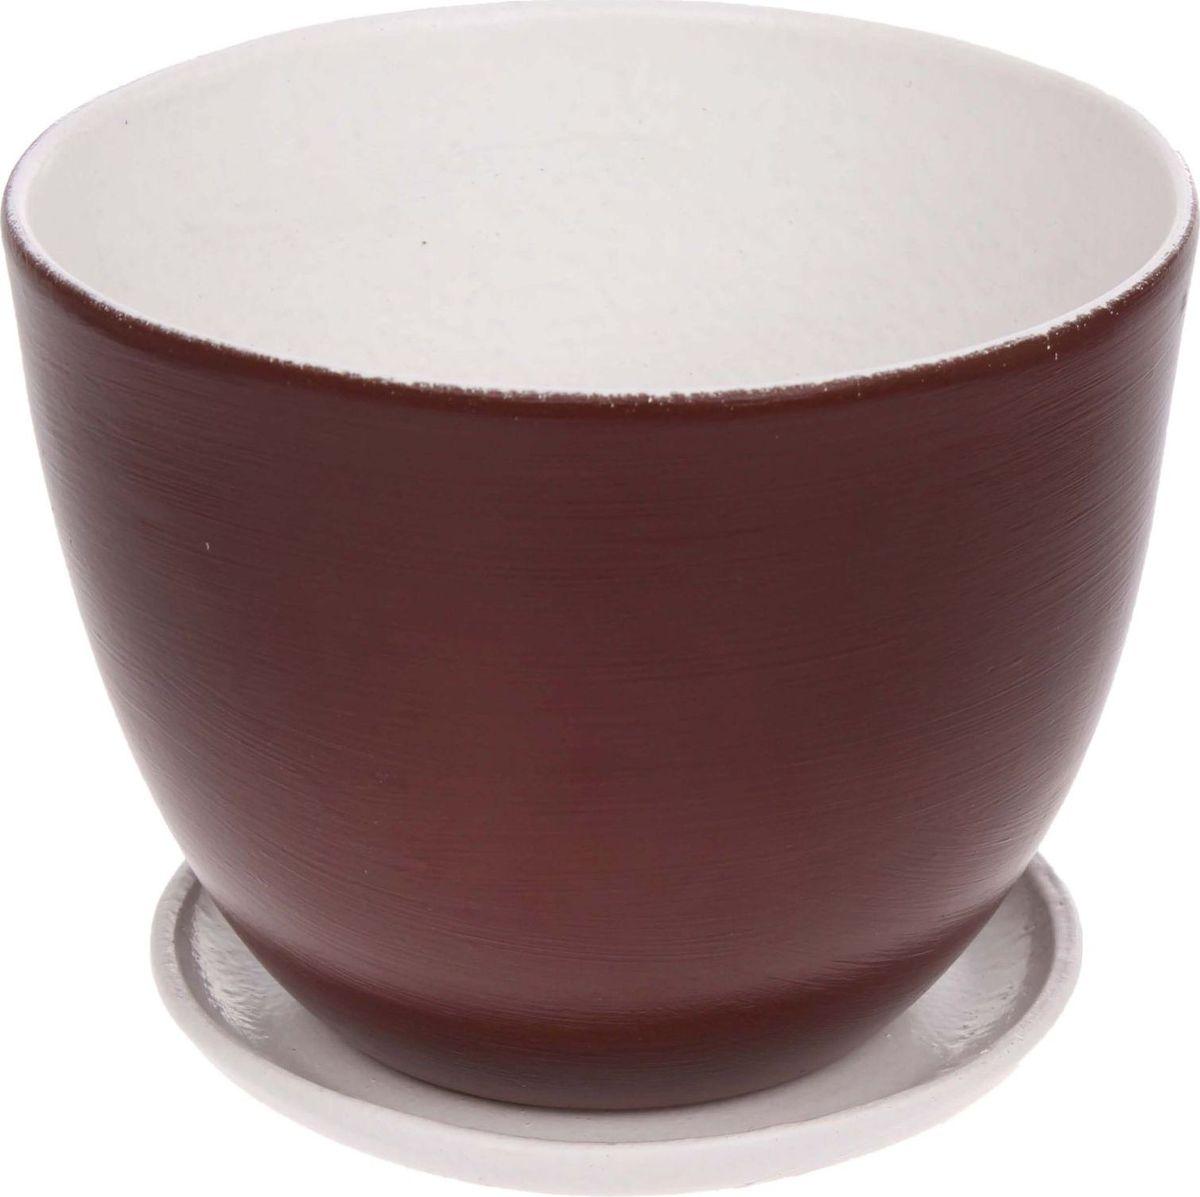 Кашпо Драже, цвет: коричневый, 2 л1186598Комнатные растения — всеобщие любимцы. Они радуют глаз, насыщают помещение кислородом и украшают пространство. Каждому из них необходим свой удобный и красивый дом. Кашпо из керамики прекрасно подходят для высадки растений: за счет пластичности глины и разных способов обработки существует великое множество форм и дизайнов пористый материал позволяет испаряться лишней влаге воздух, необходимый для дыхания корней, проникает сквозь керамические стенки! позаботится о зеленом питомце, освежит интерьер и подчеркнет его стиль.